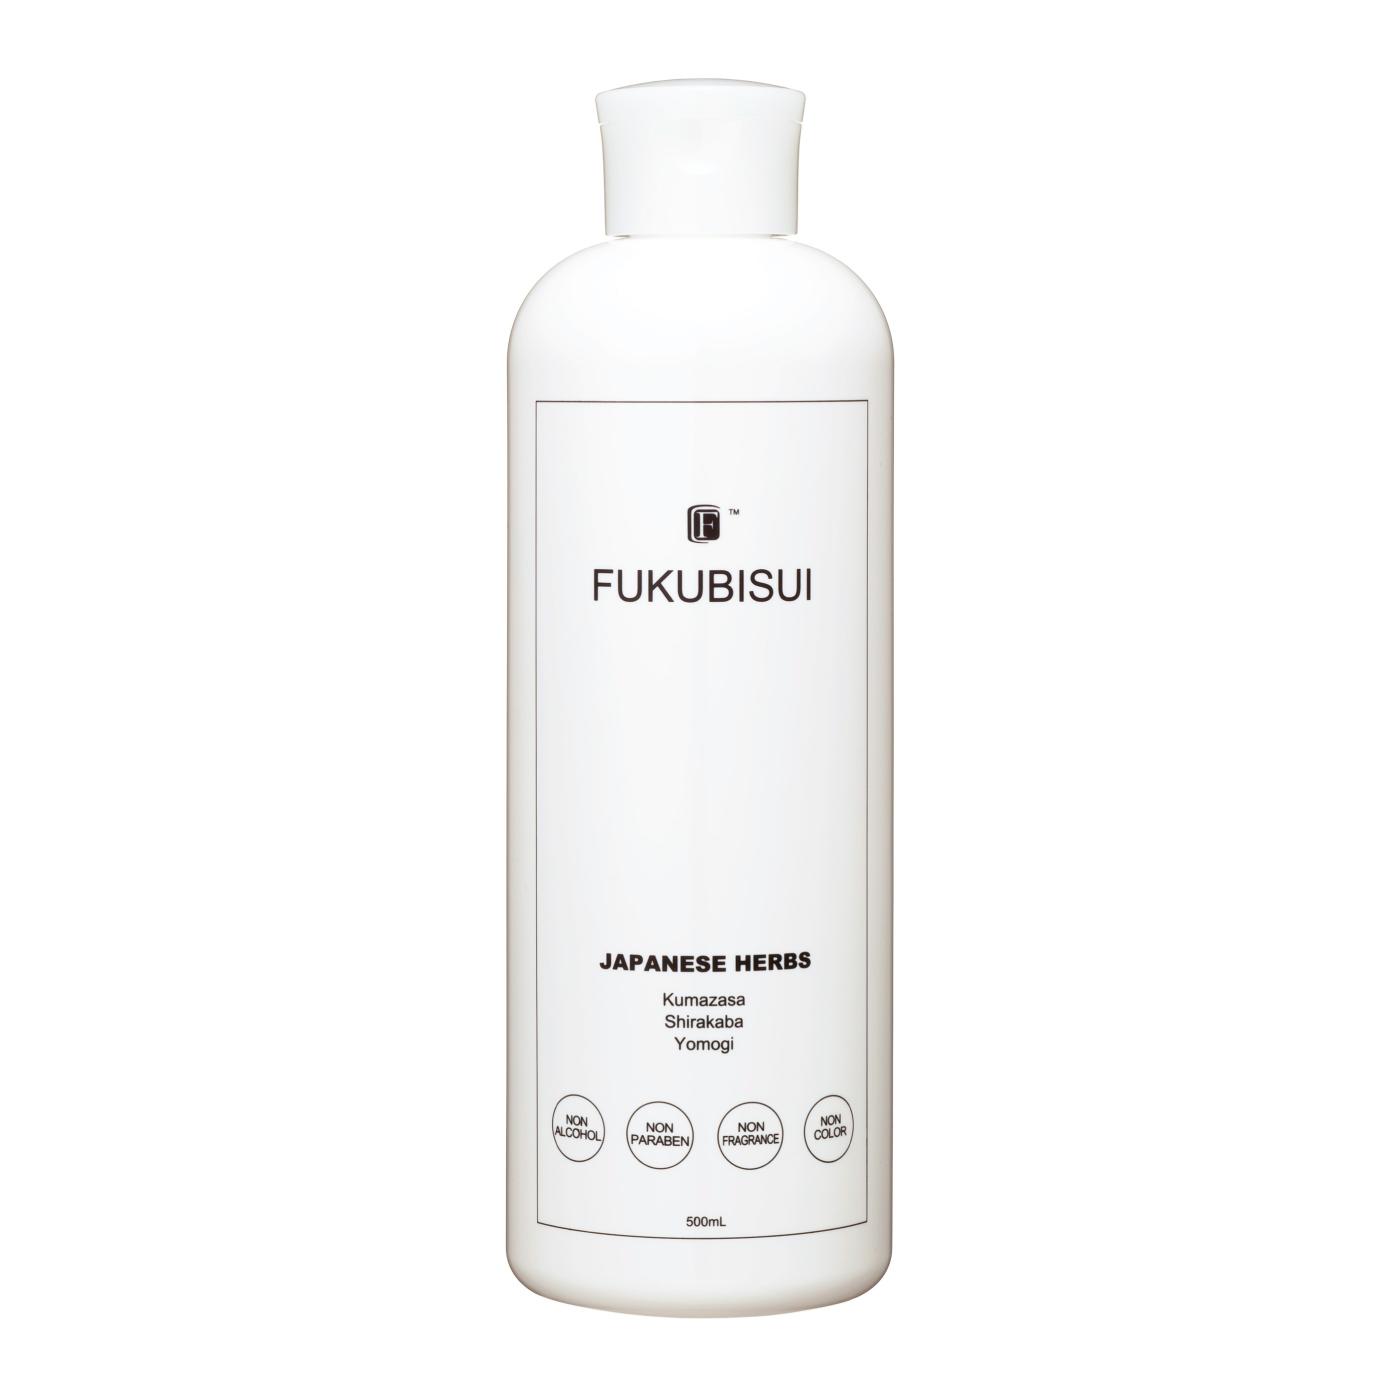 フェリシモ 和ハーブのめぐみ FUKUBISUI たっぷり使いたい化粧水の会【定期便】